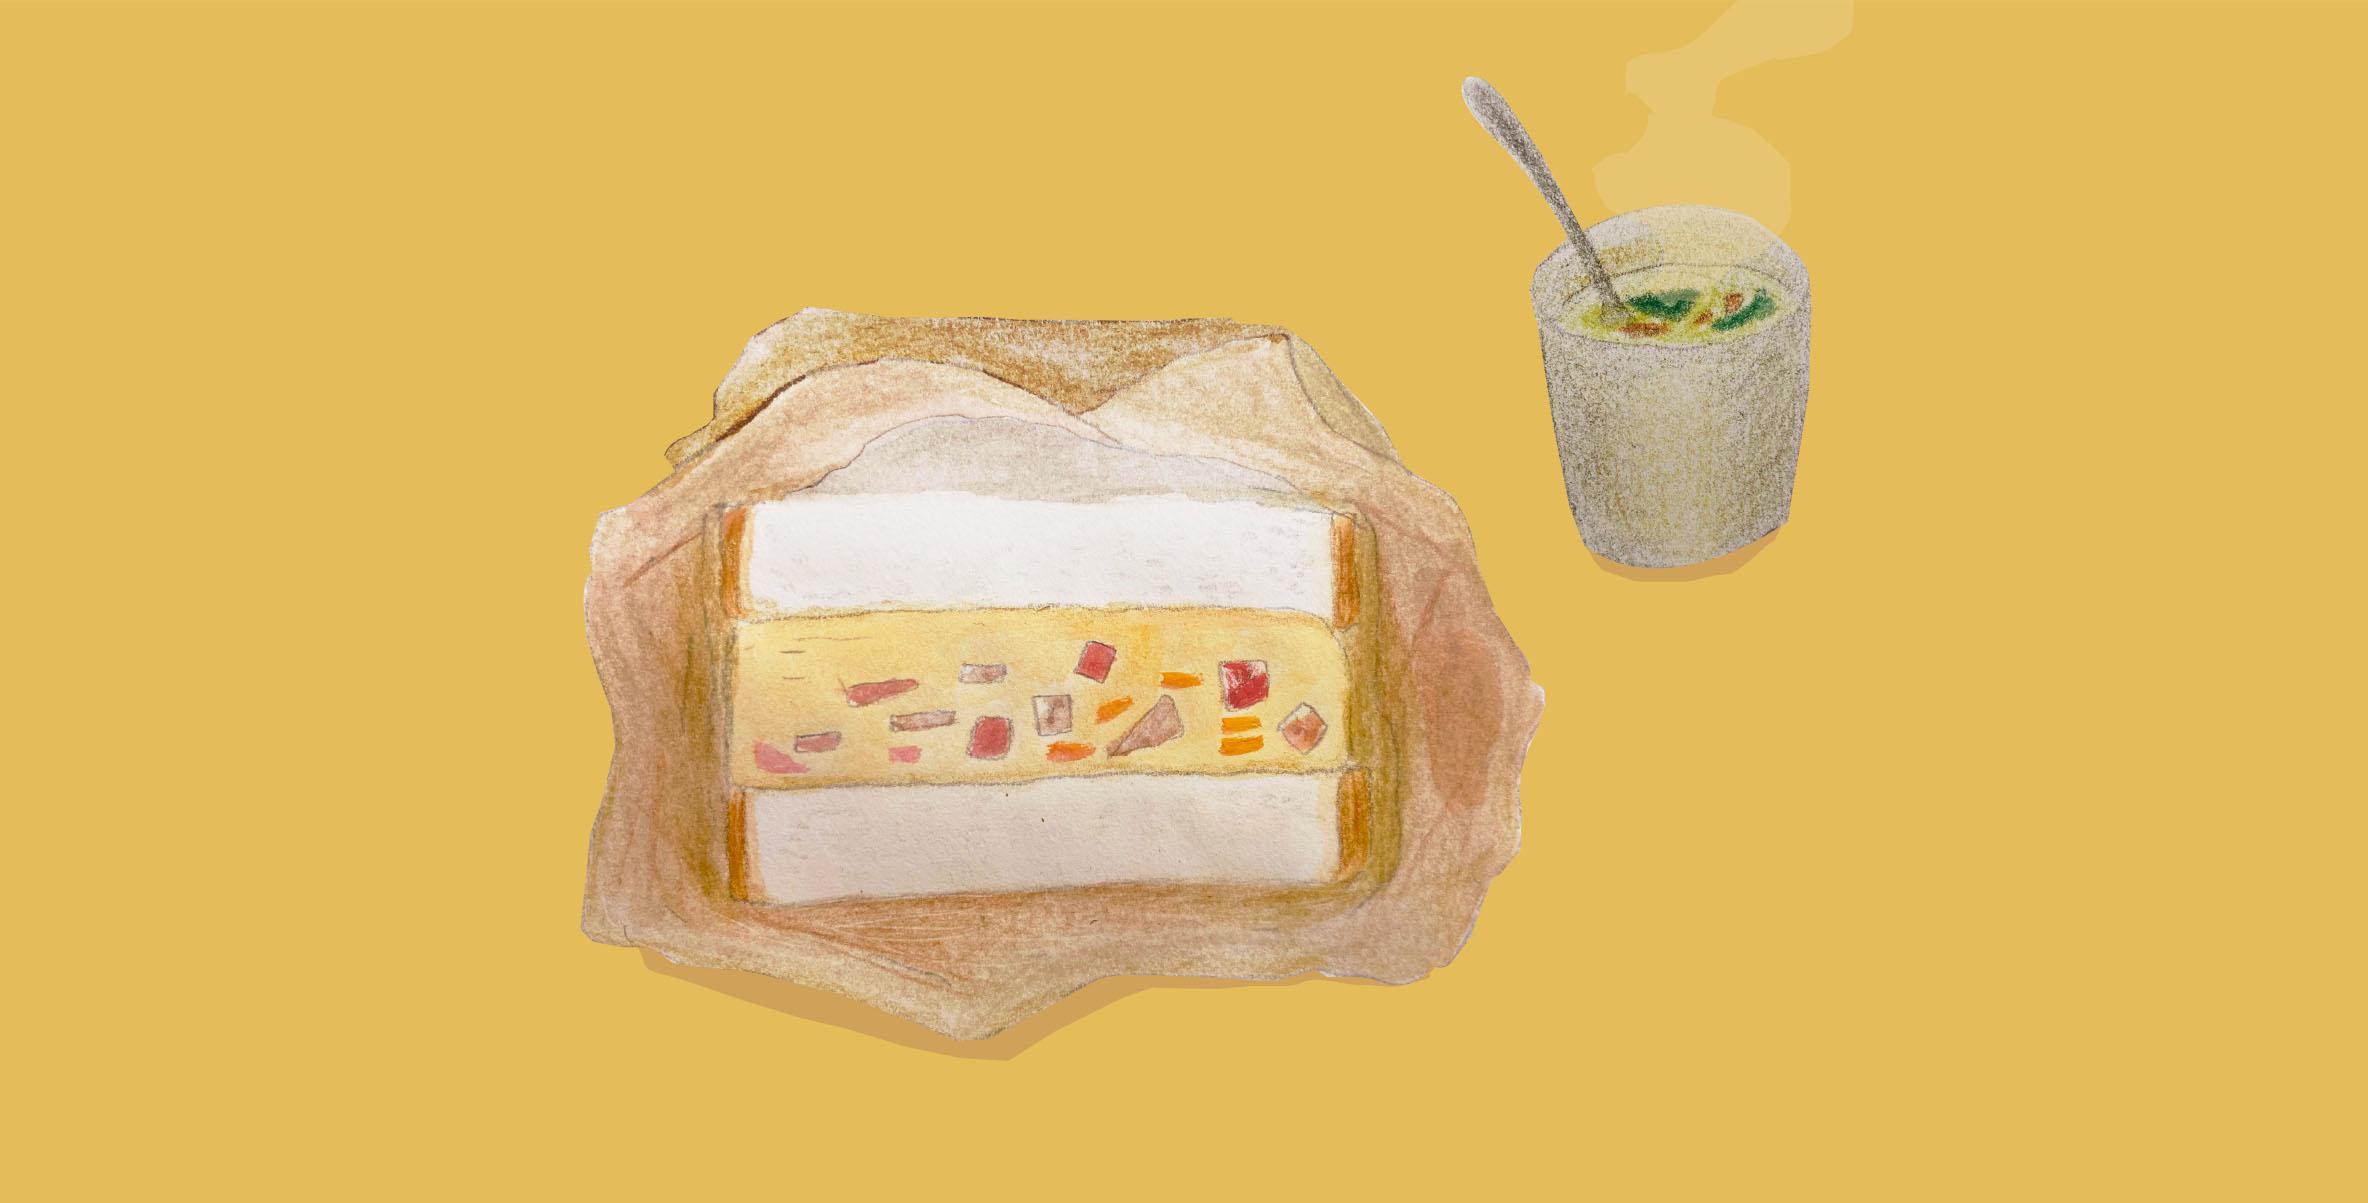 くらしとおやつ 「ing」の玉子サンド